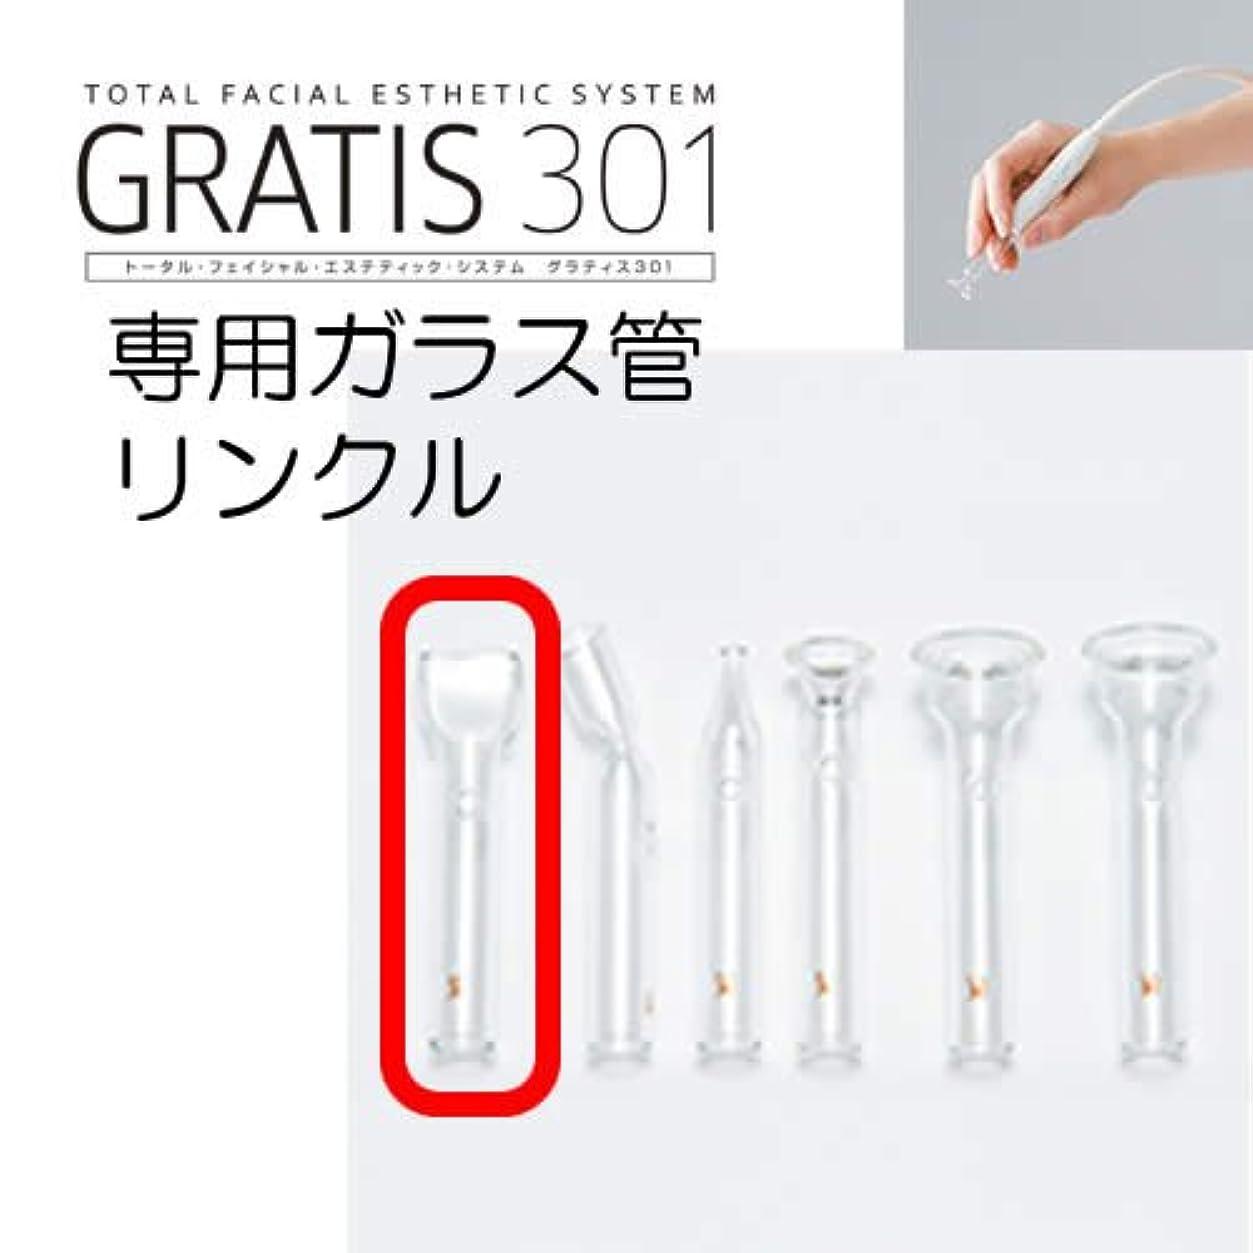 科学的フレームワーク繕うGRATIS 301(グラティス301)専用ガラス管 リンクル(2本セット)